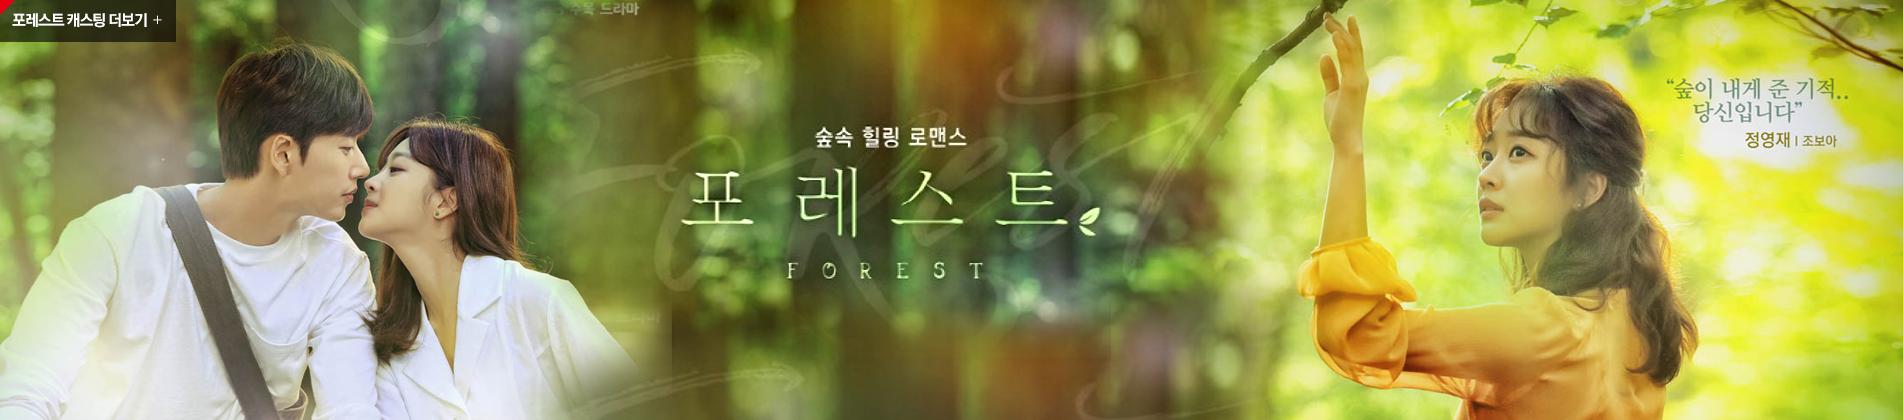 드라마 포레스트